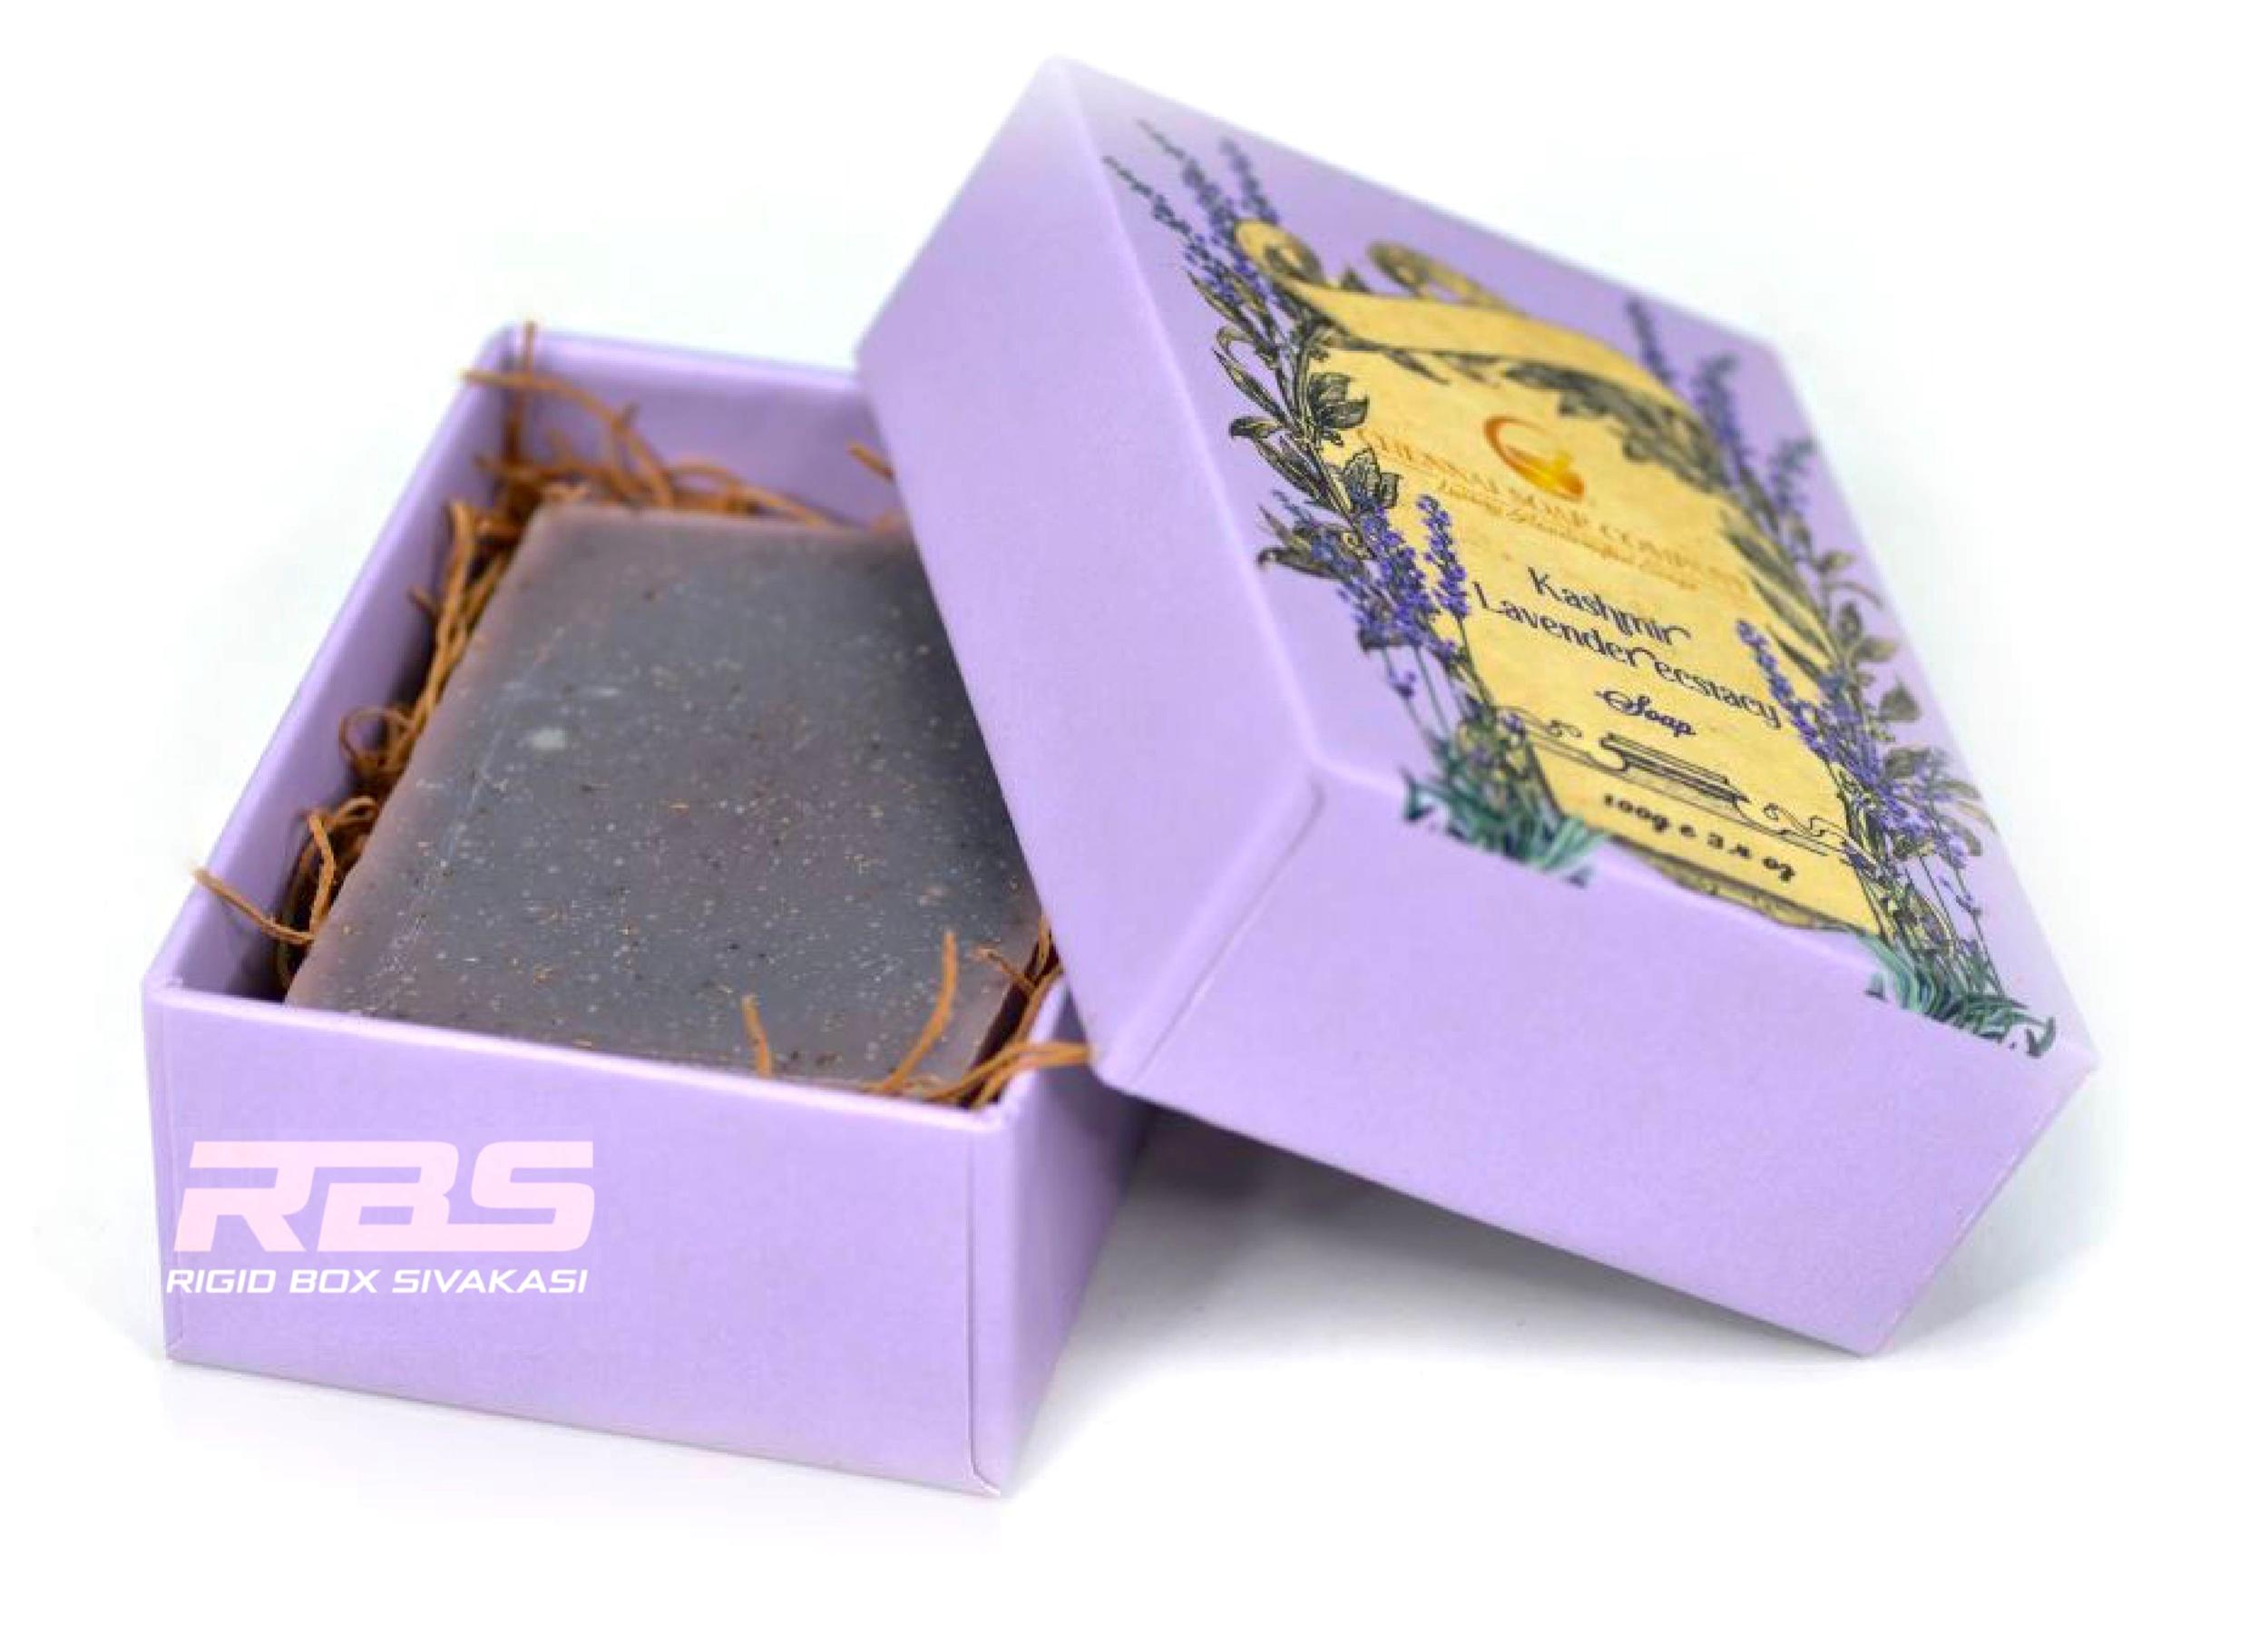 Rigid Boxes Manufacturer | Buy Now | Rigid Box Sivakasi